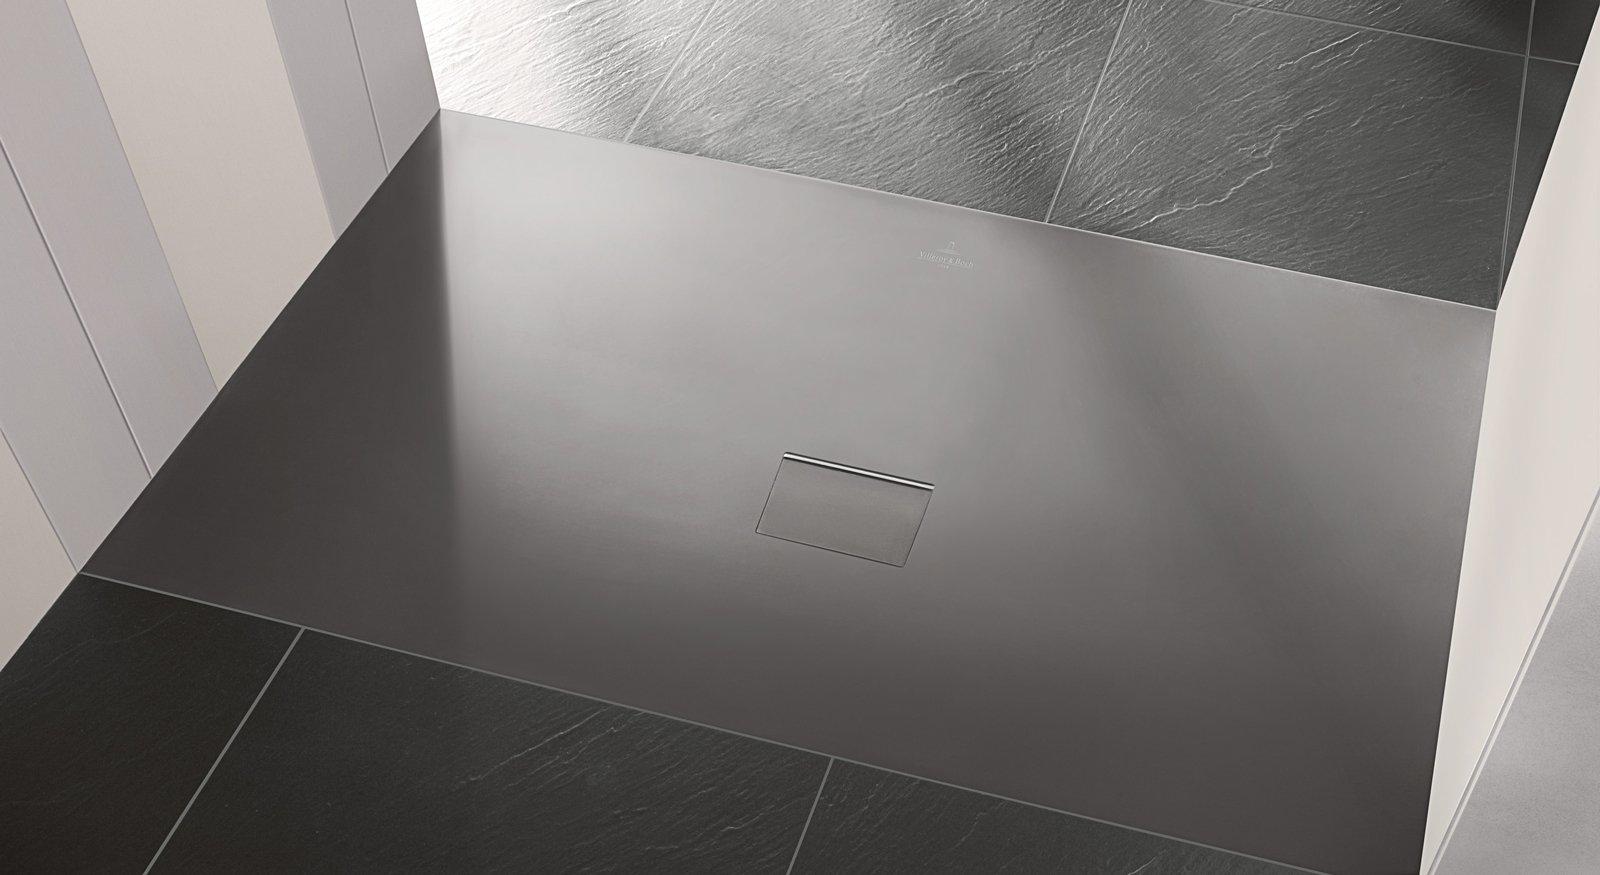 Canaletta doccia geberit prezzo canaletta di scarico per doccia